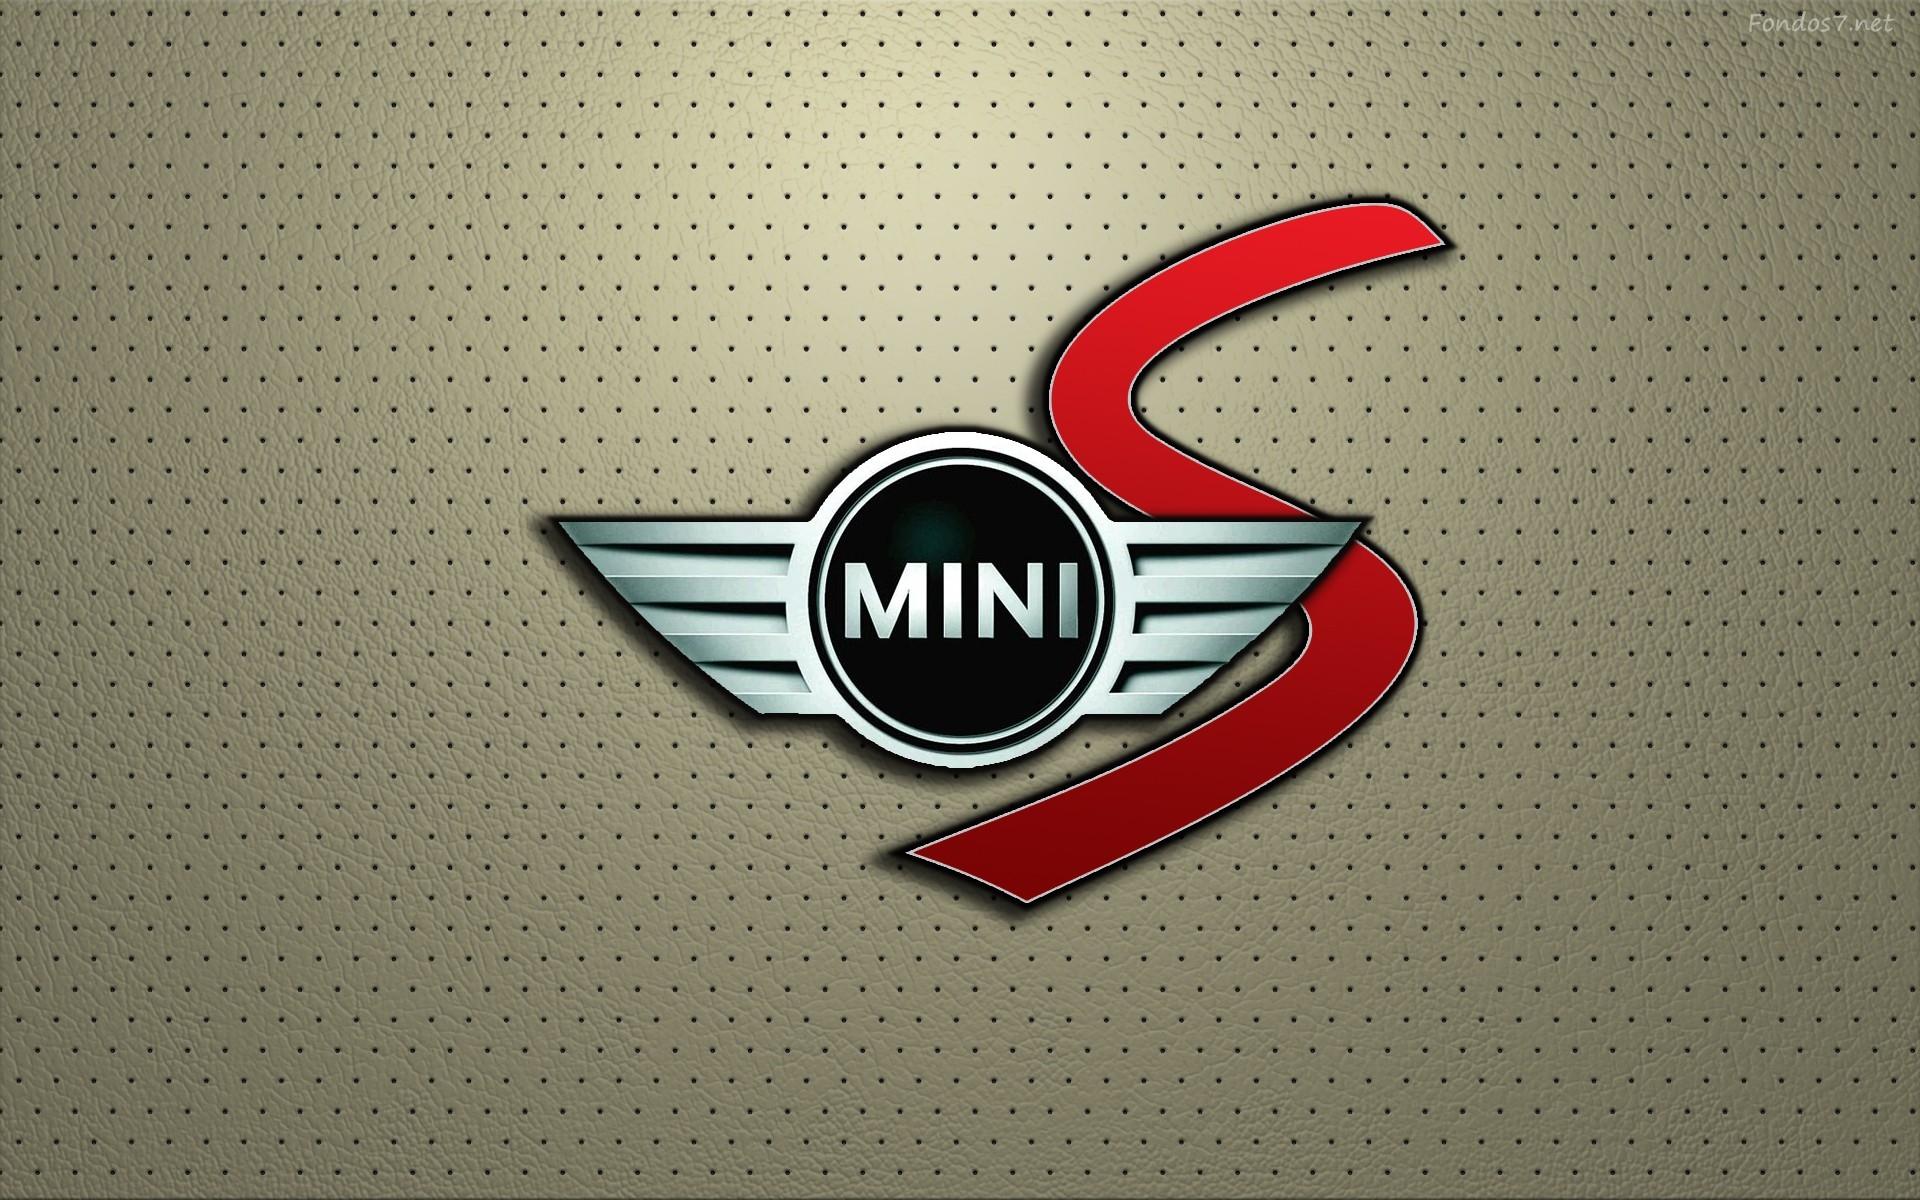 Subaru logo wallpaper download